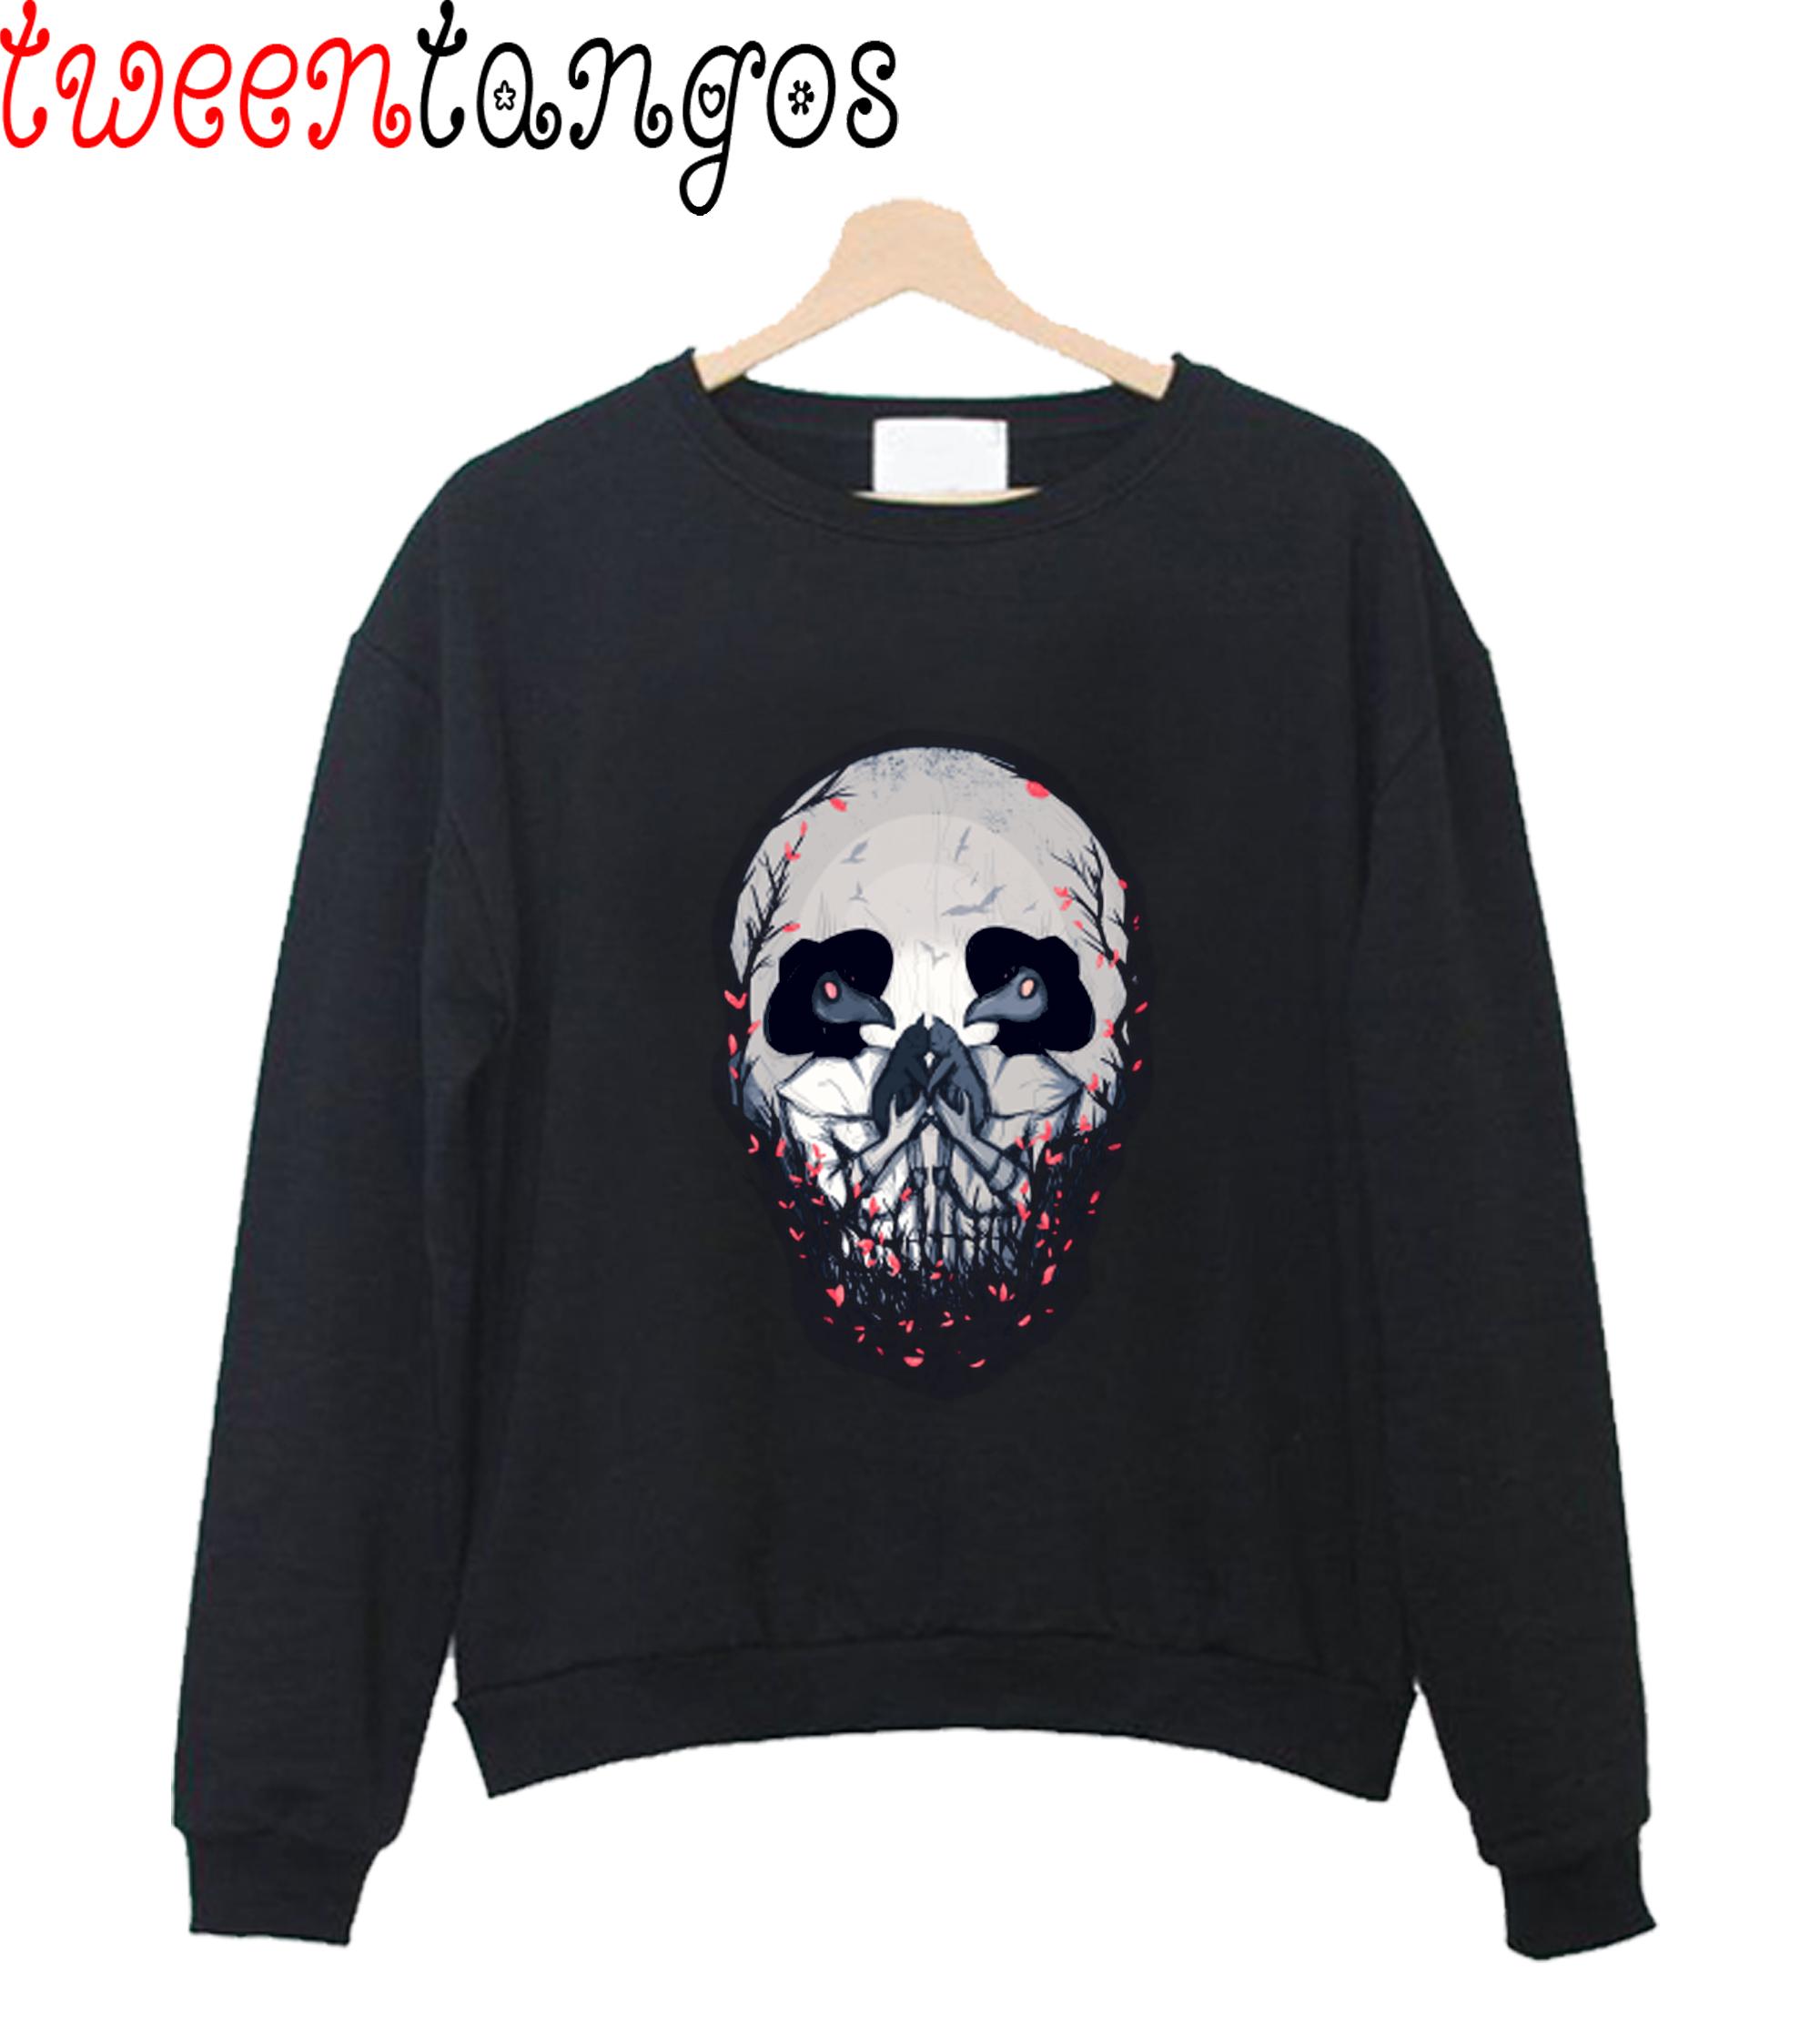 Fall Children Sweatshirt